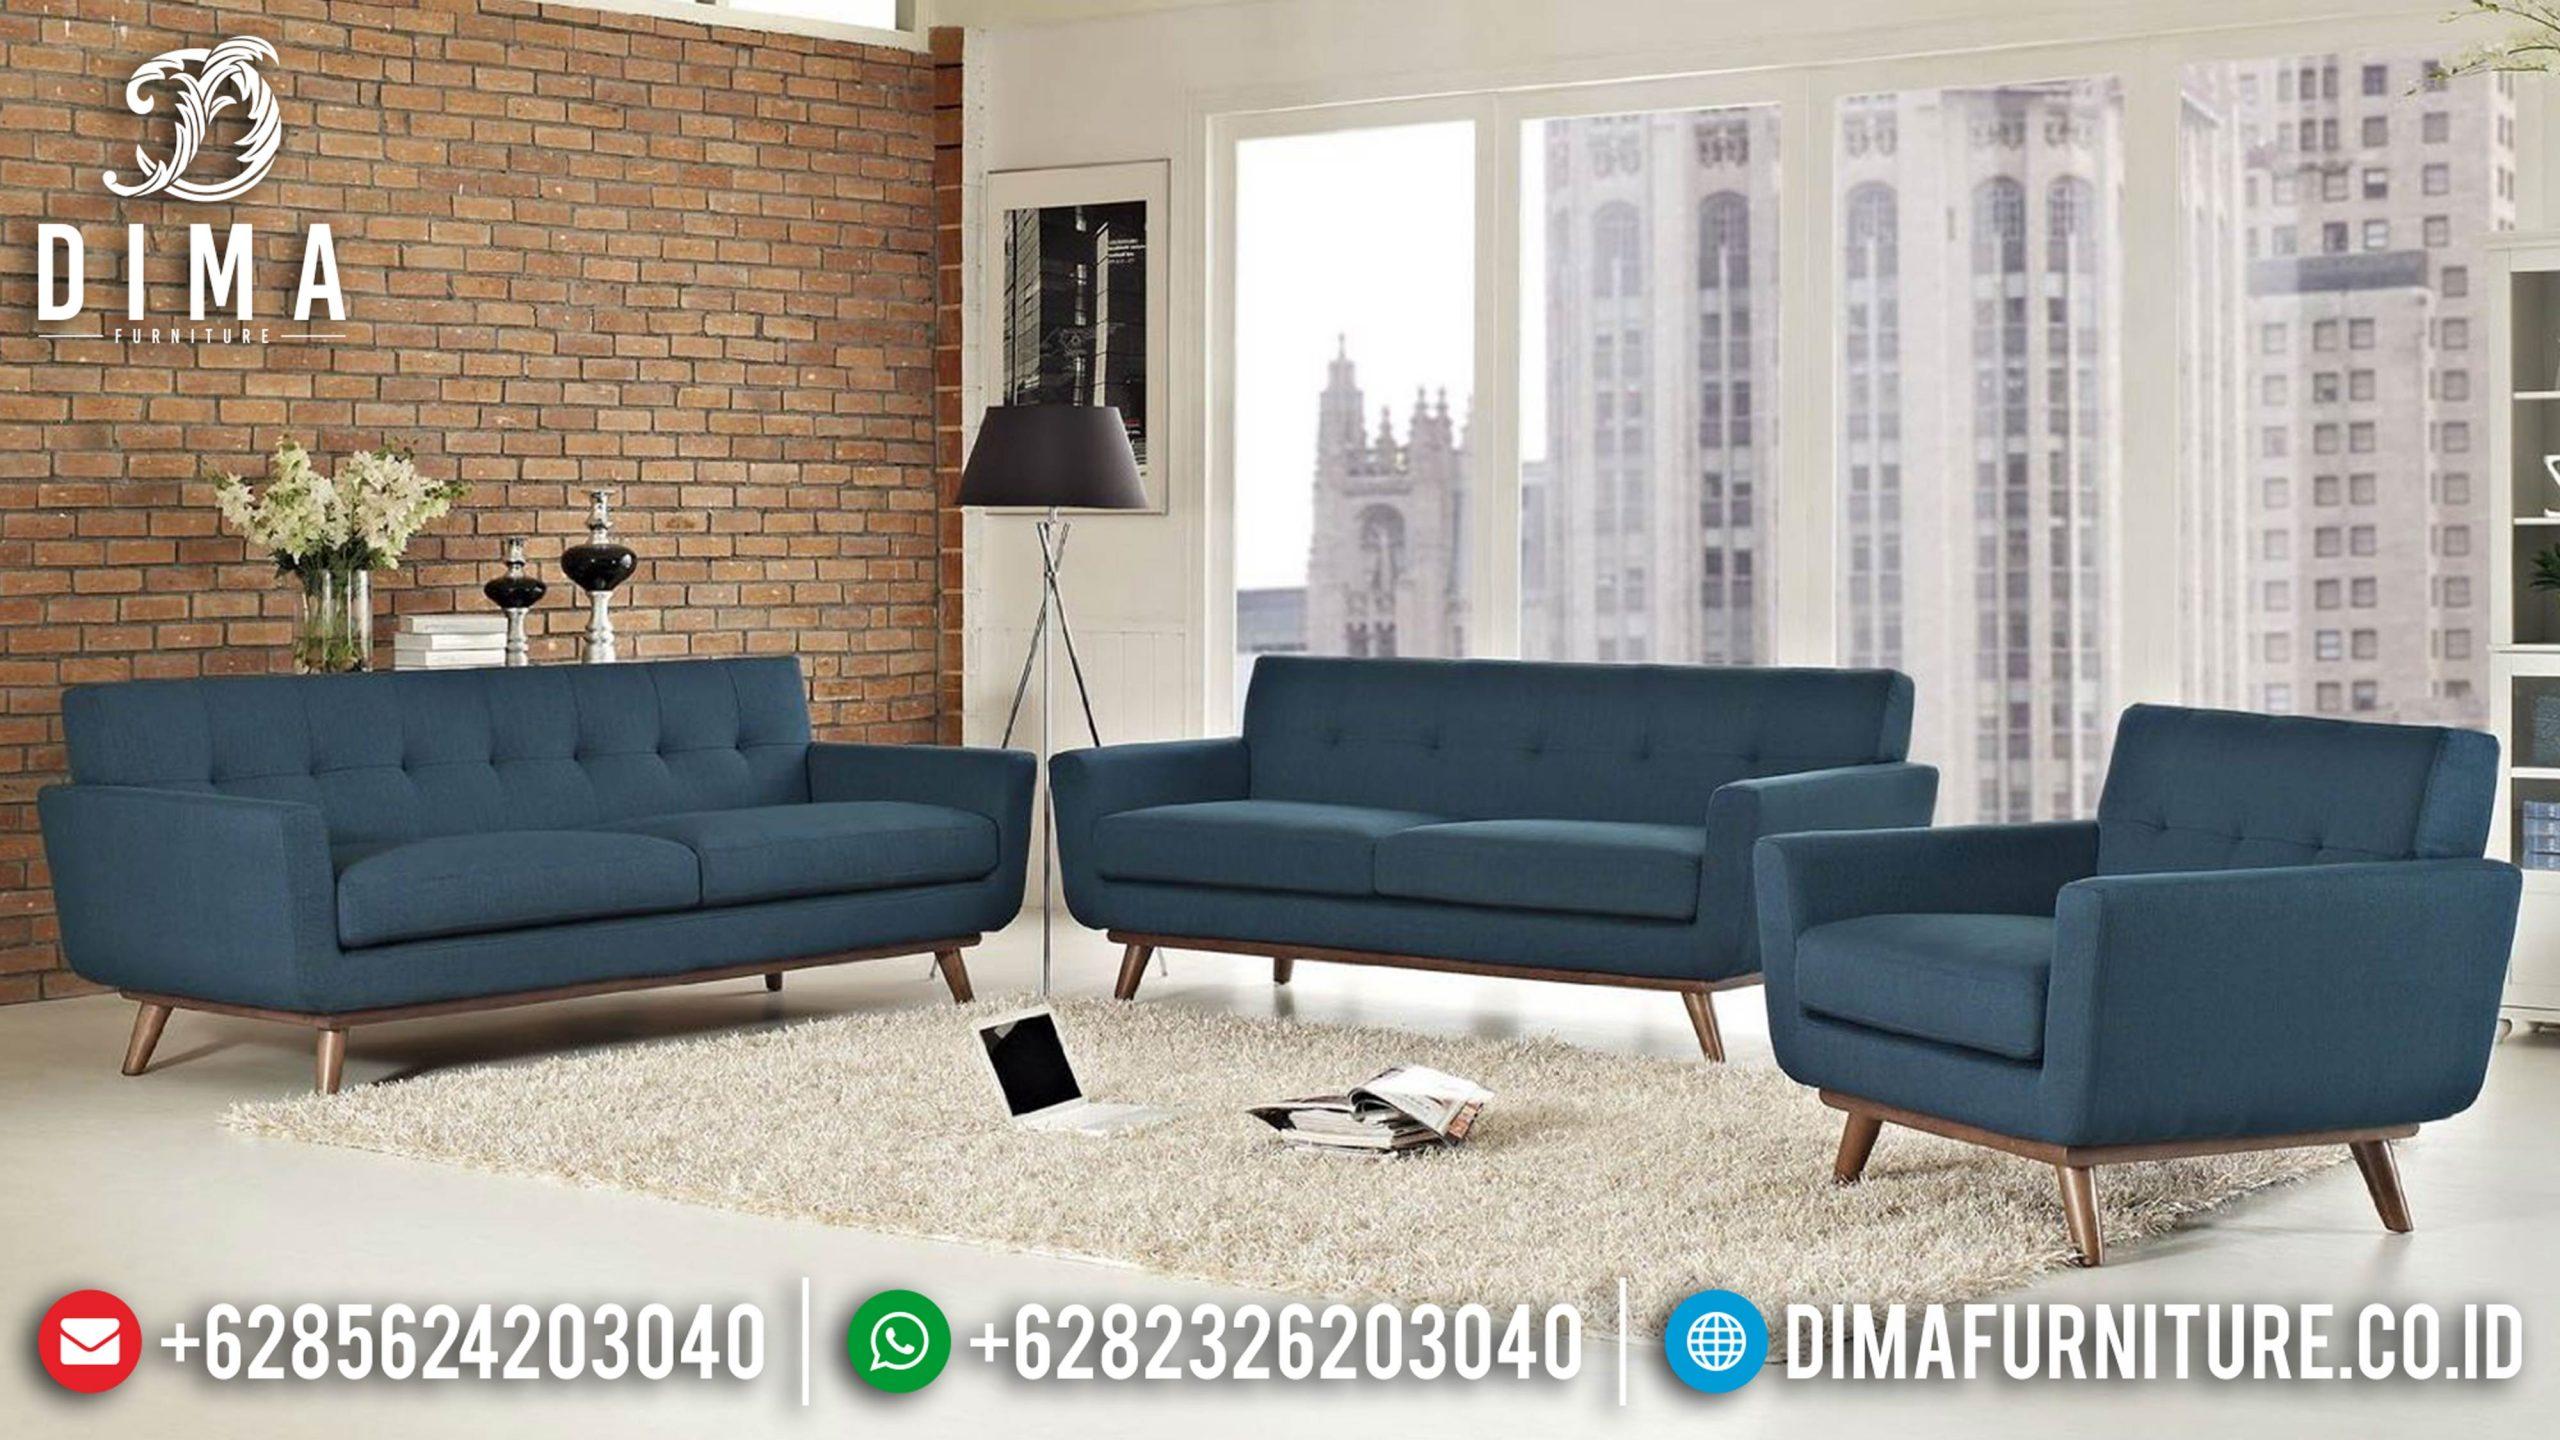 Sofa Tamu Minimalis Terbaru, Sofa Tamu Jepara, Kursi Tamu Minimalis Jati MM-0264